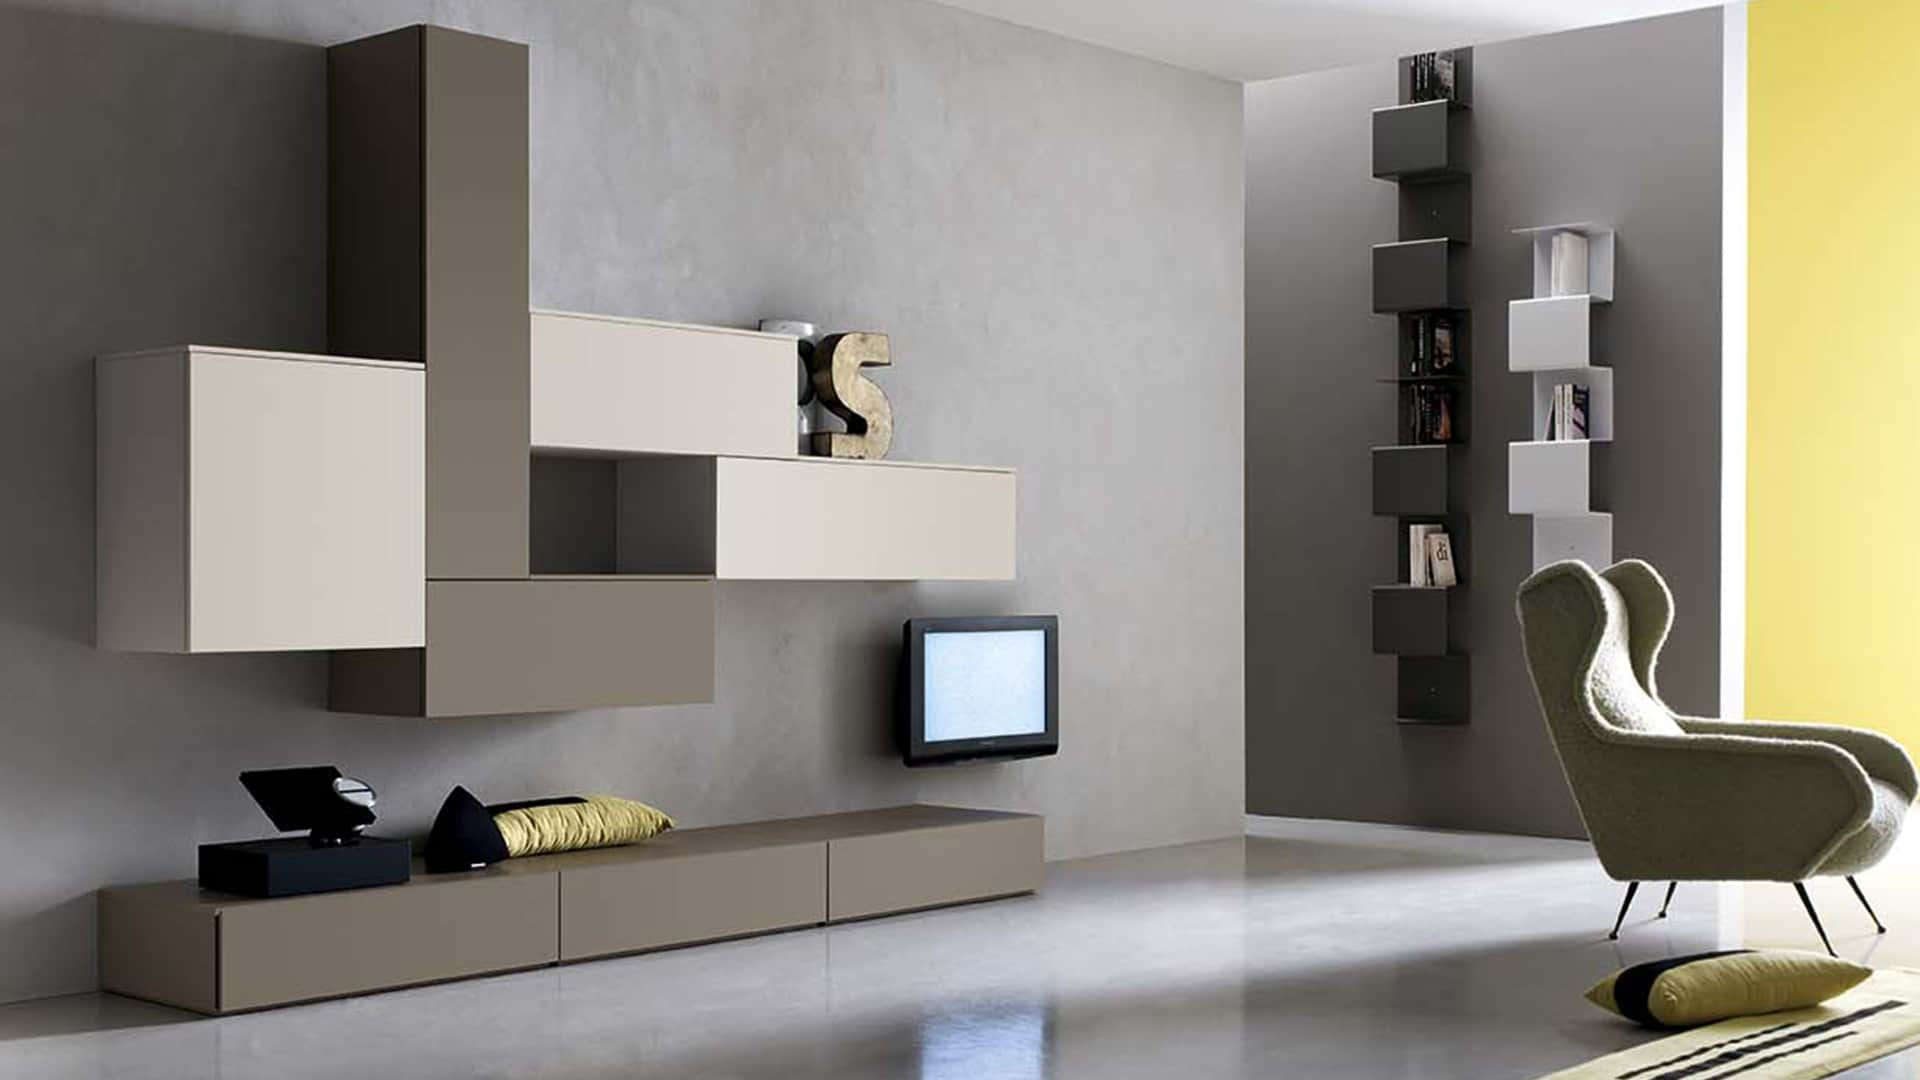 Vendita di mobili per soggiorno a padova mobili da for Migliori designer di mobili italiani